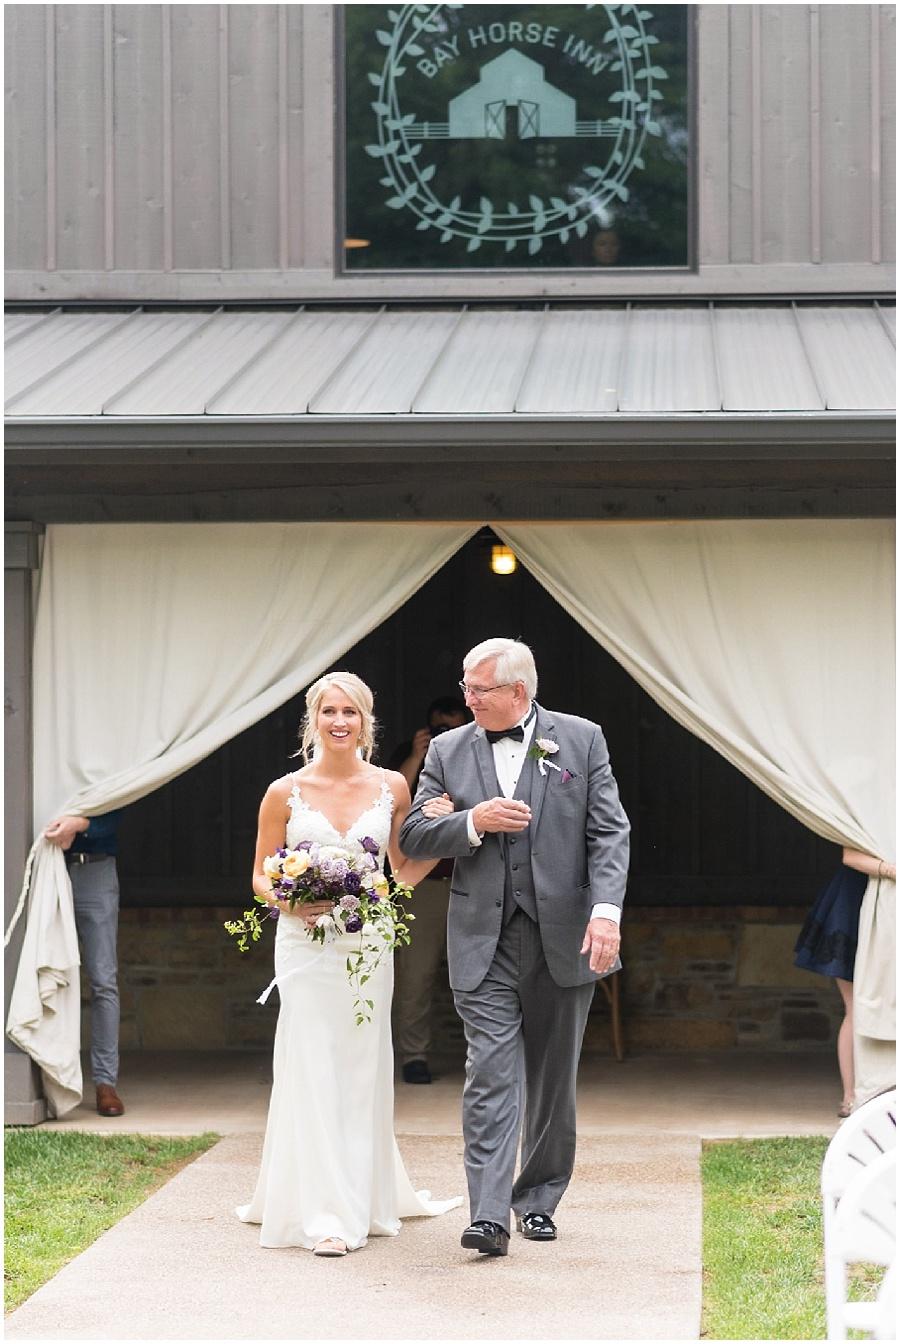 barn-at-bay-horse-wedding-indianapolis-photographers_3580.jpg